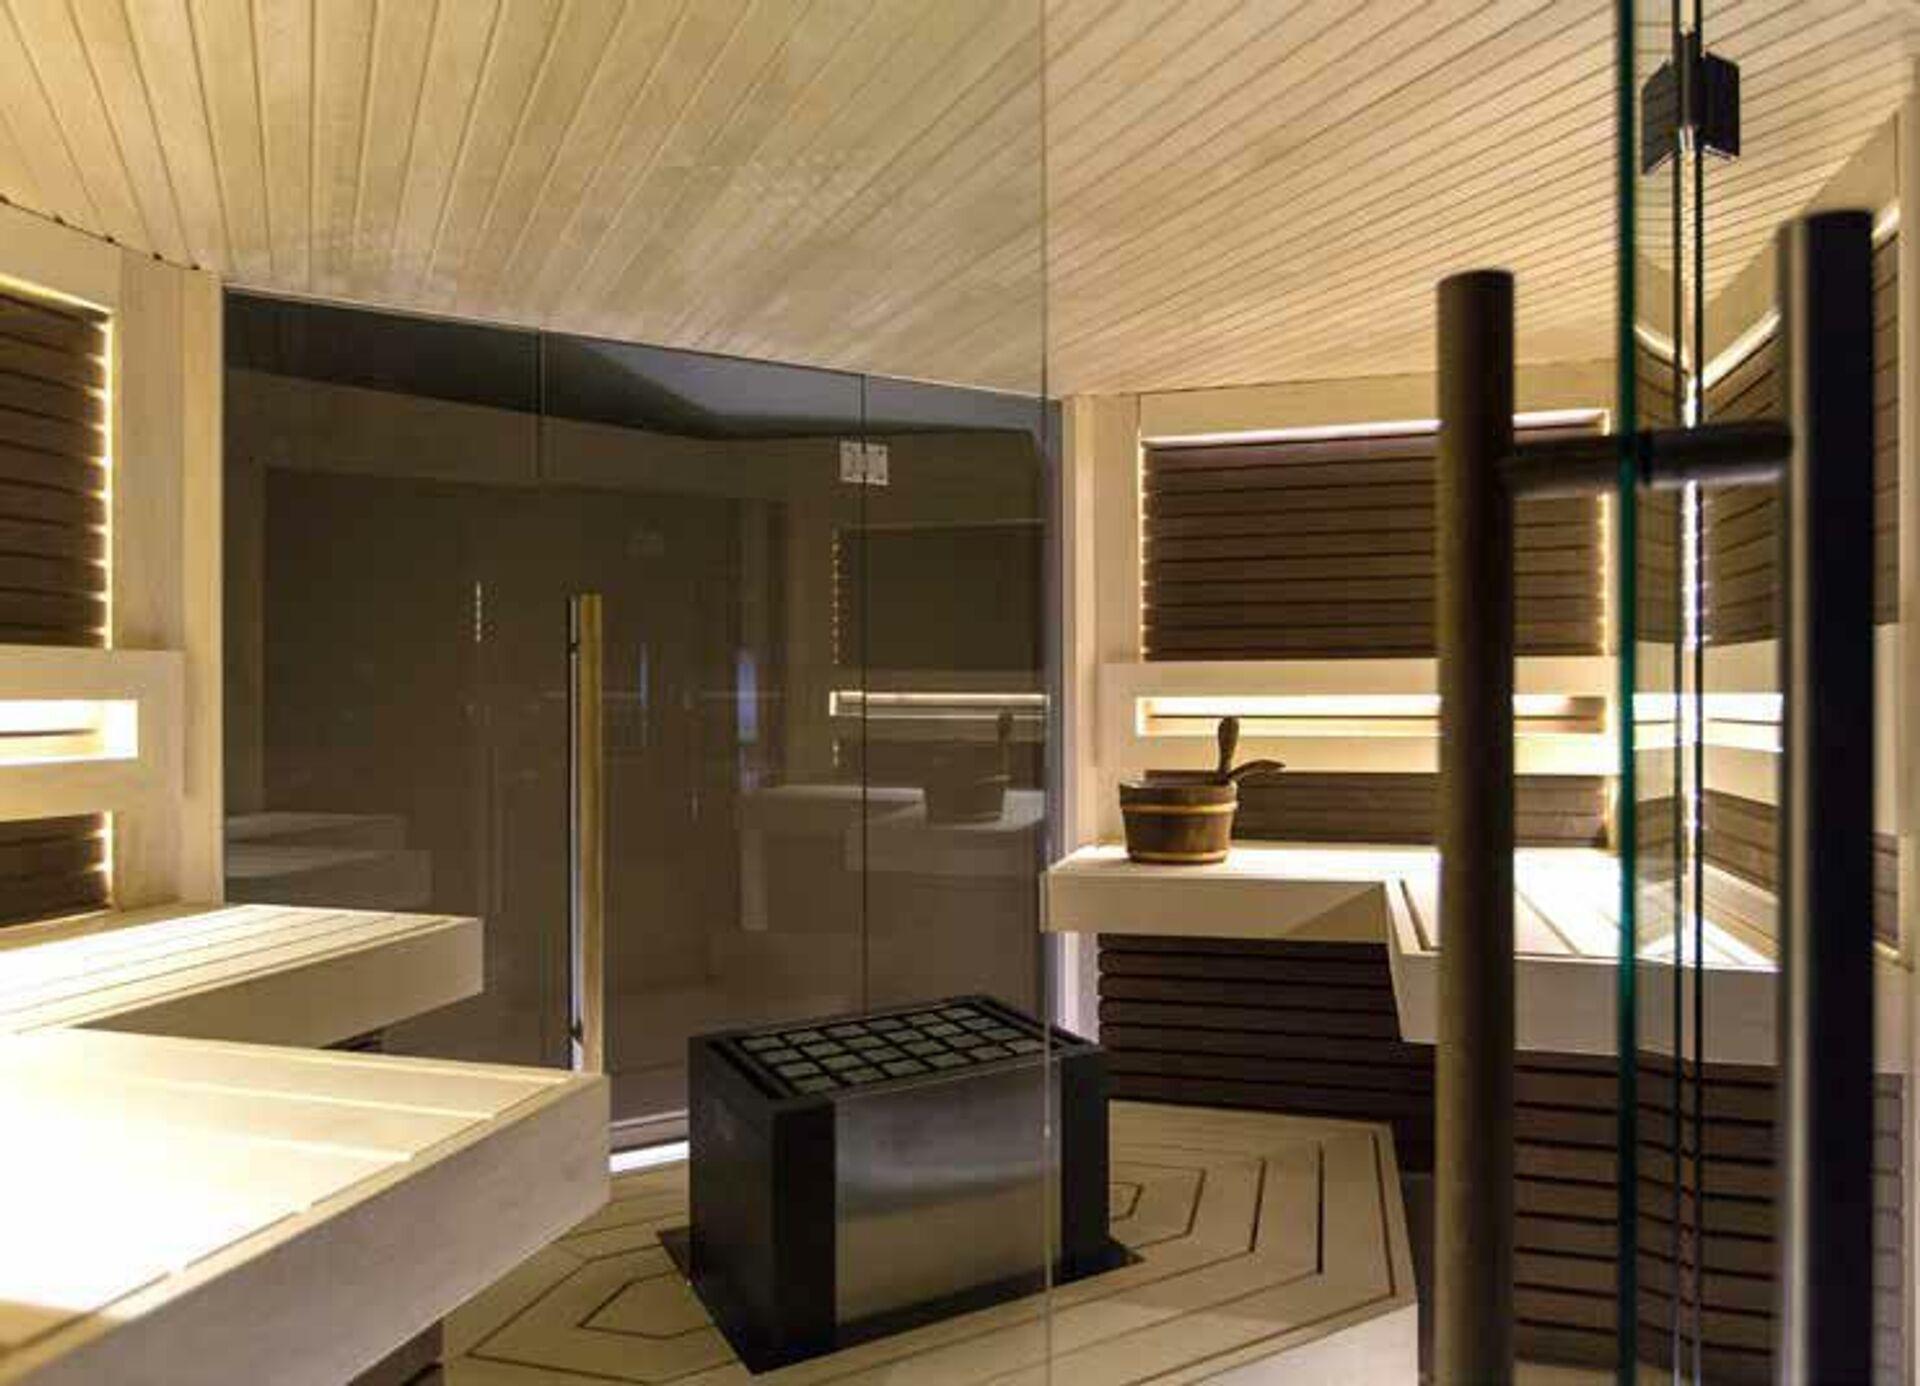 Жар, пар и аромат: из чего лучше делать внутреннее убранство бани